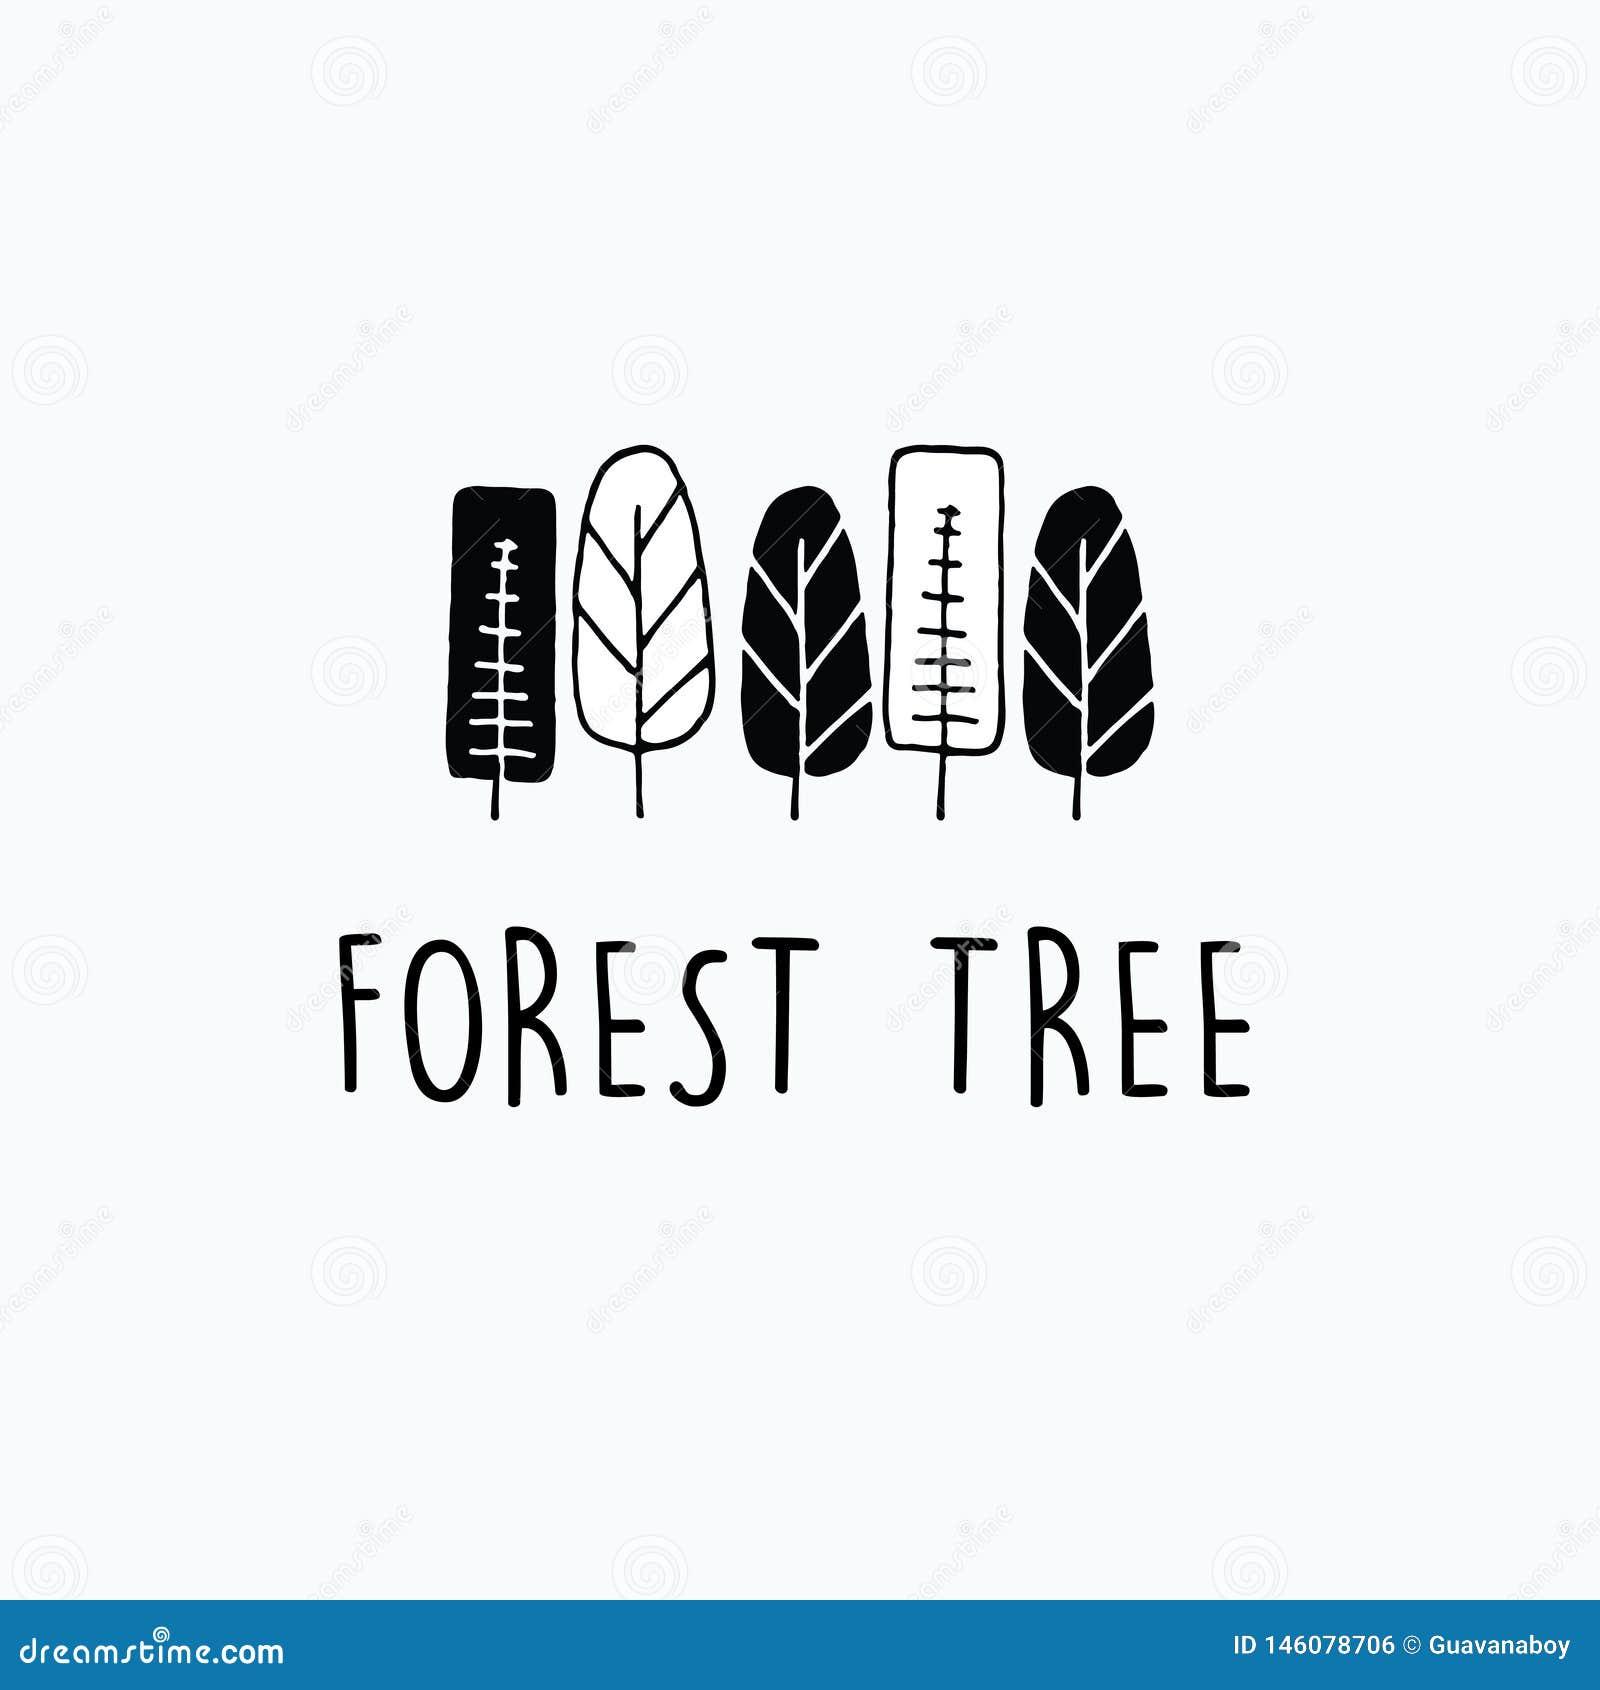 Minimaliste d abrégé sur arbre forestier et ensembles tirés par la main